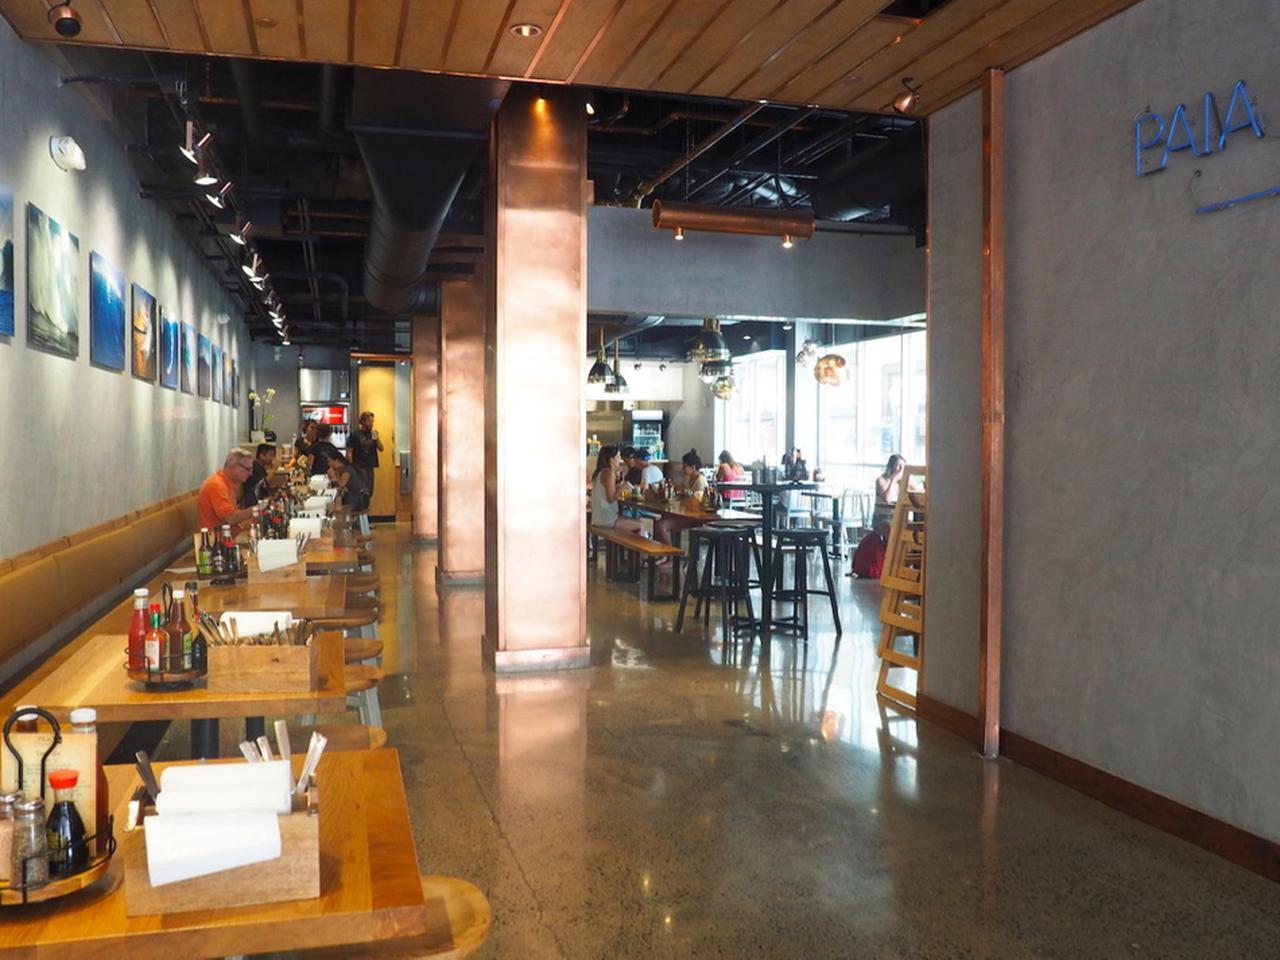 画像: 「パイア・フィッシュマーケット・ワイキキ」は、欧米人に大人気のシーフード料理店